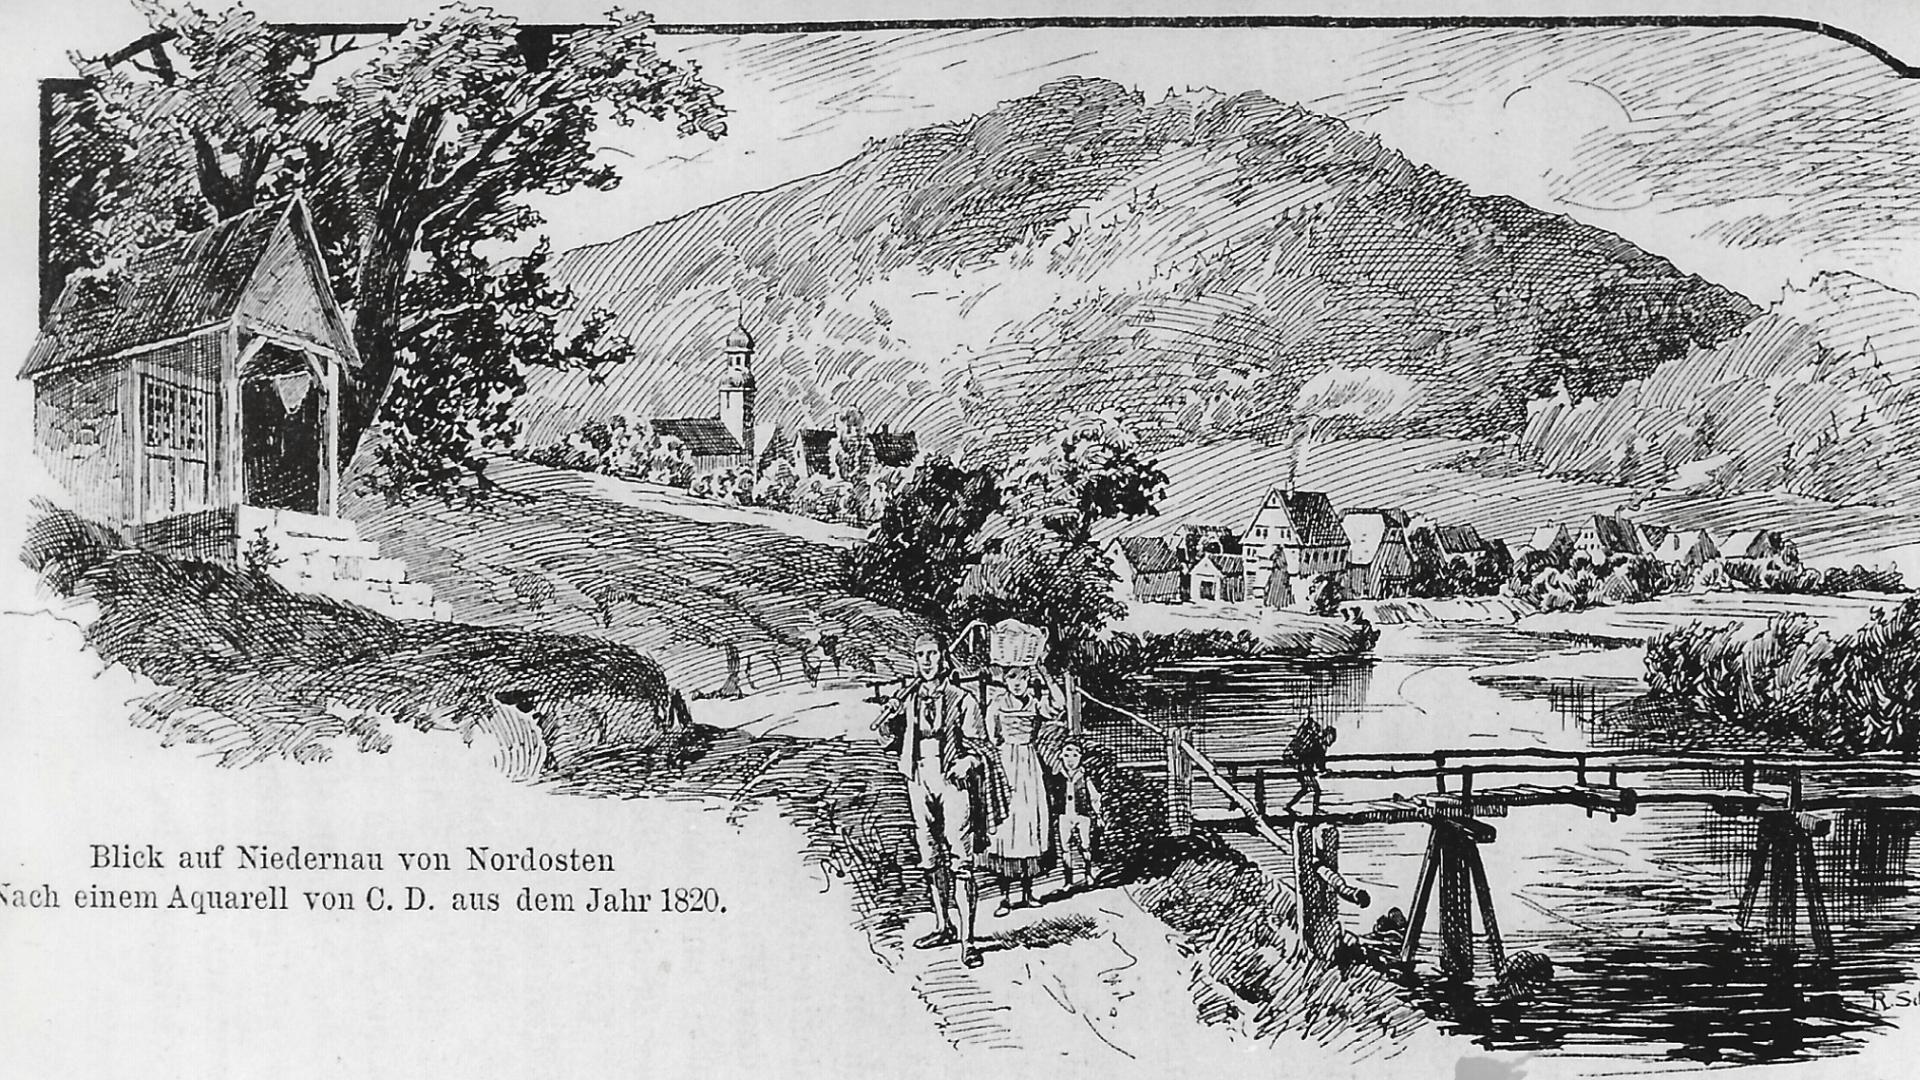 Blick auf Bad Niedernau -Aquarell um 1820  - Foto: :  Archiv Arme Schulschwestern